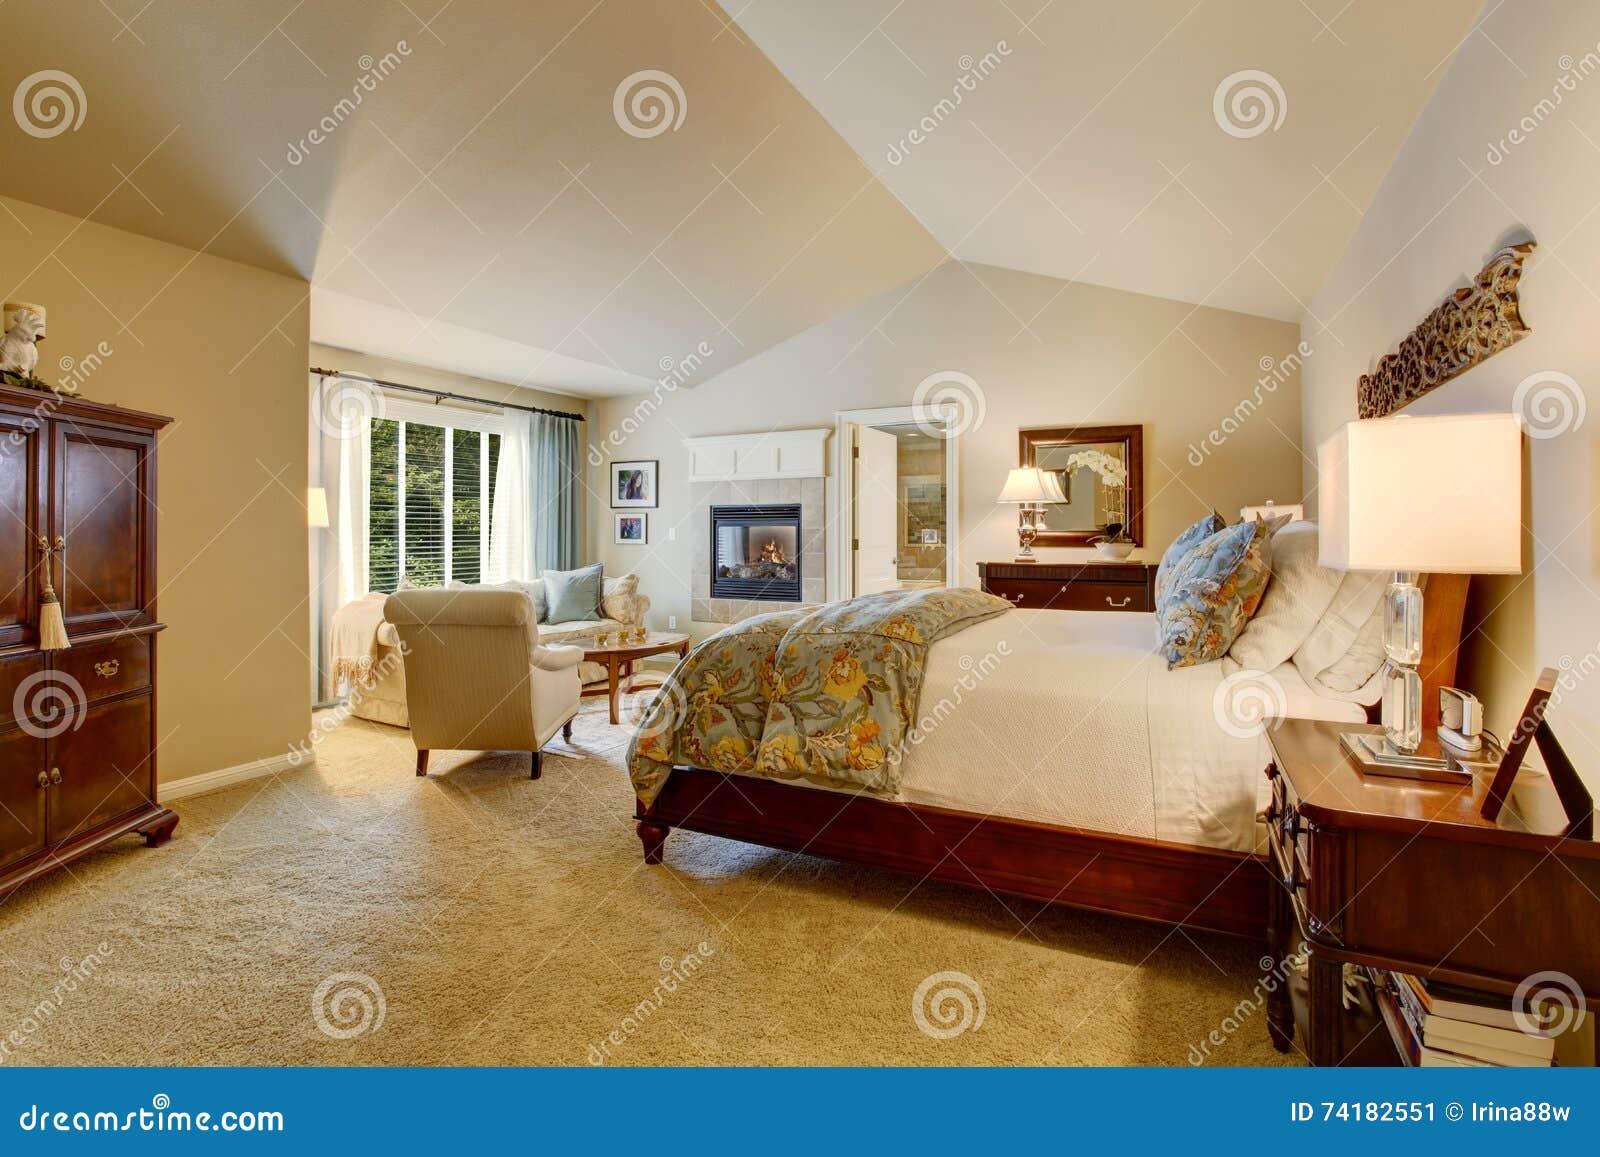 Klassisches Amerikanisches Schlafzimmer Mit Holzmöbel Stockbild ...